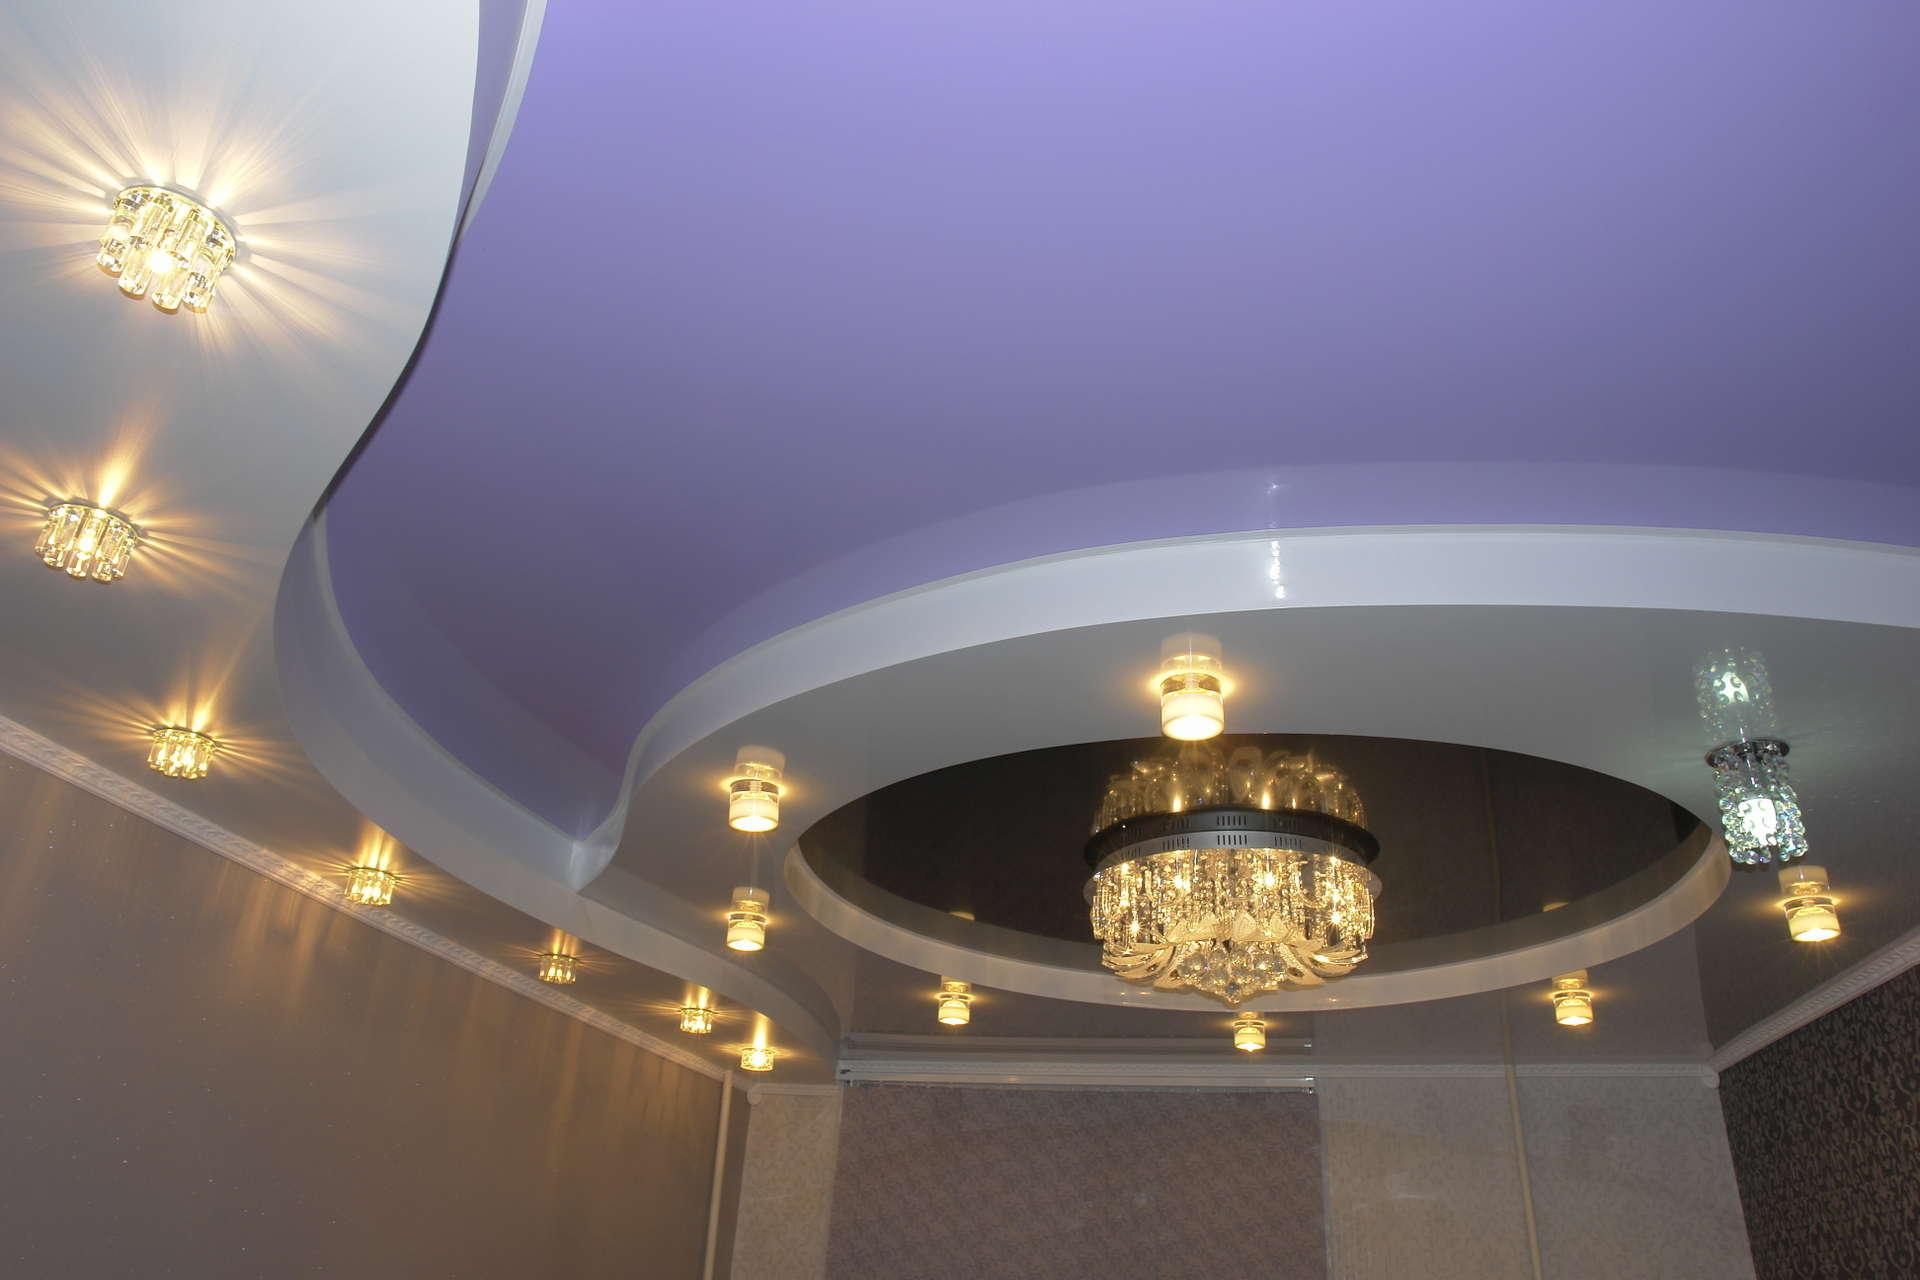 Проверка качества натяжного потолка. Красивый потолок